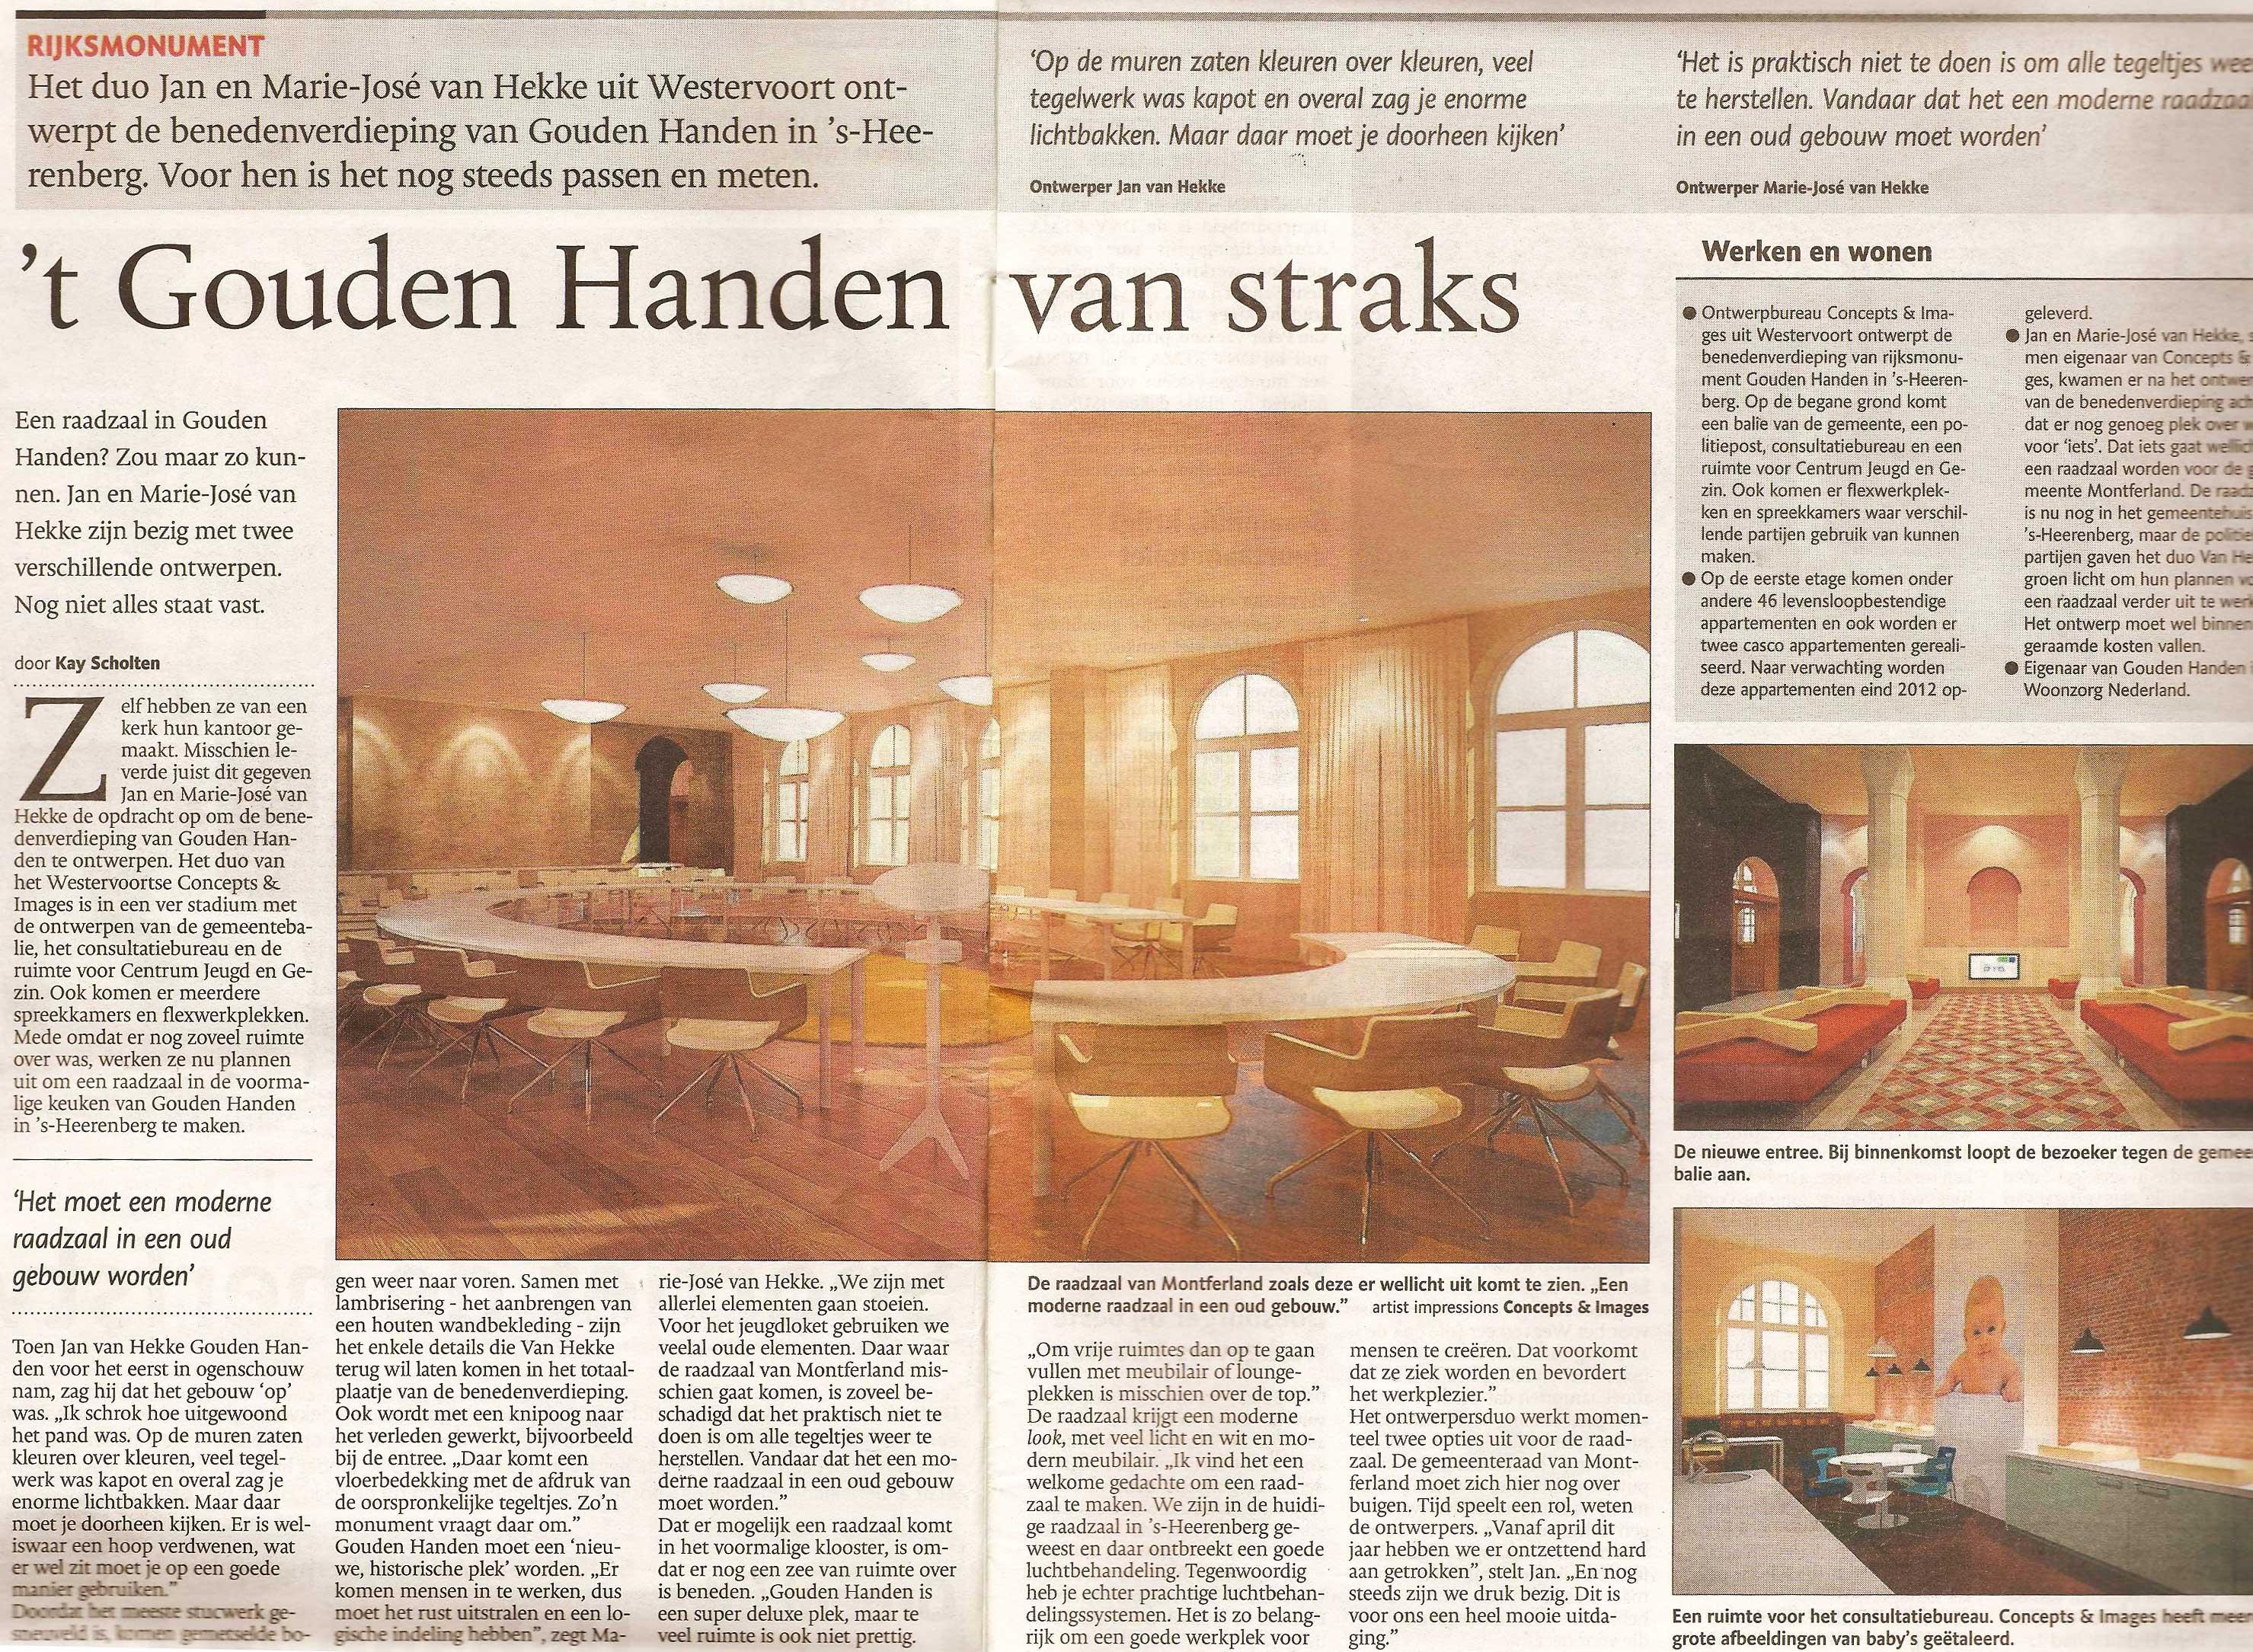 Gelderlander_gouden_handen_16_10_2012